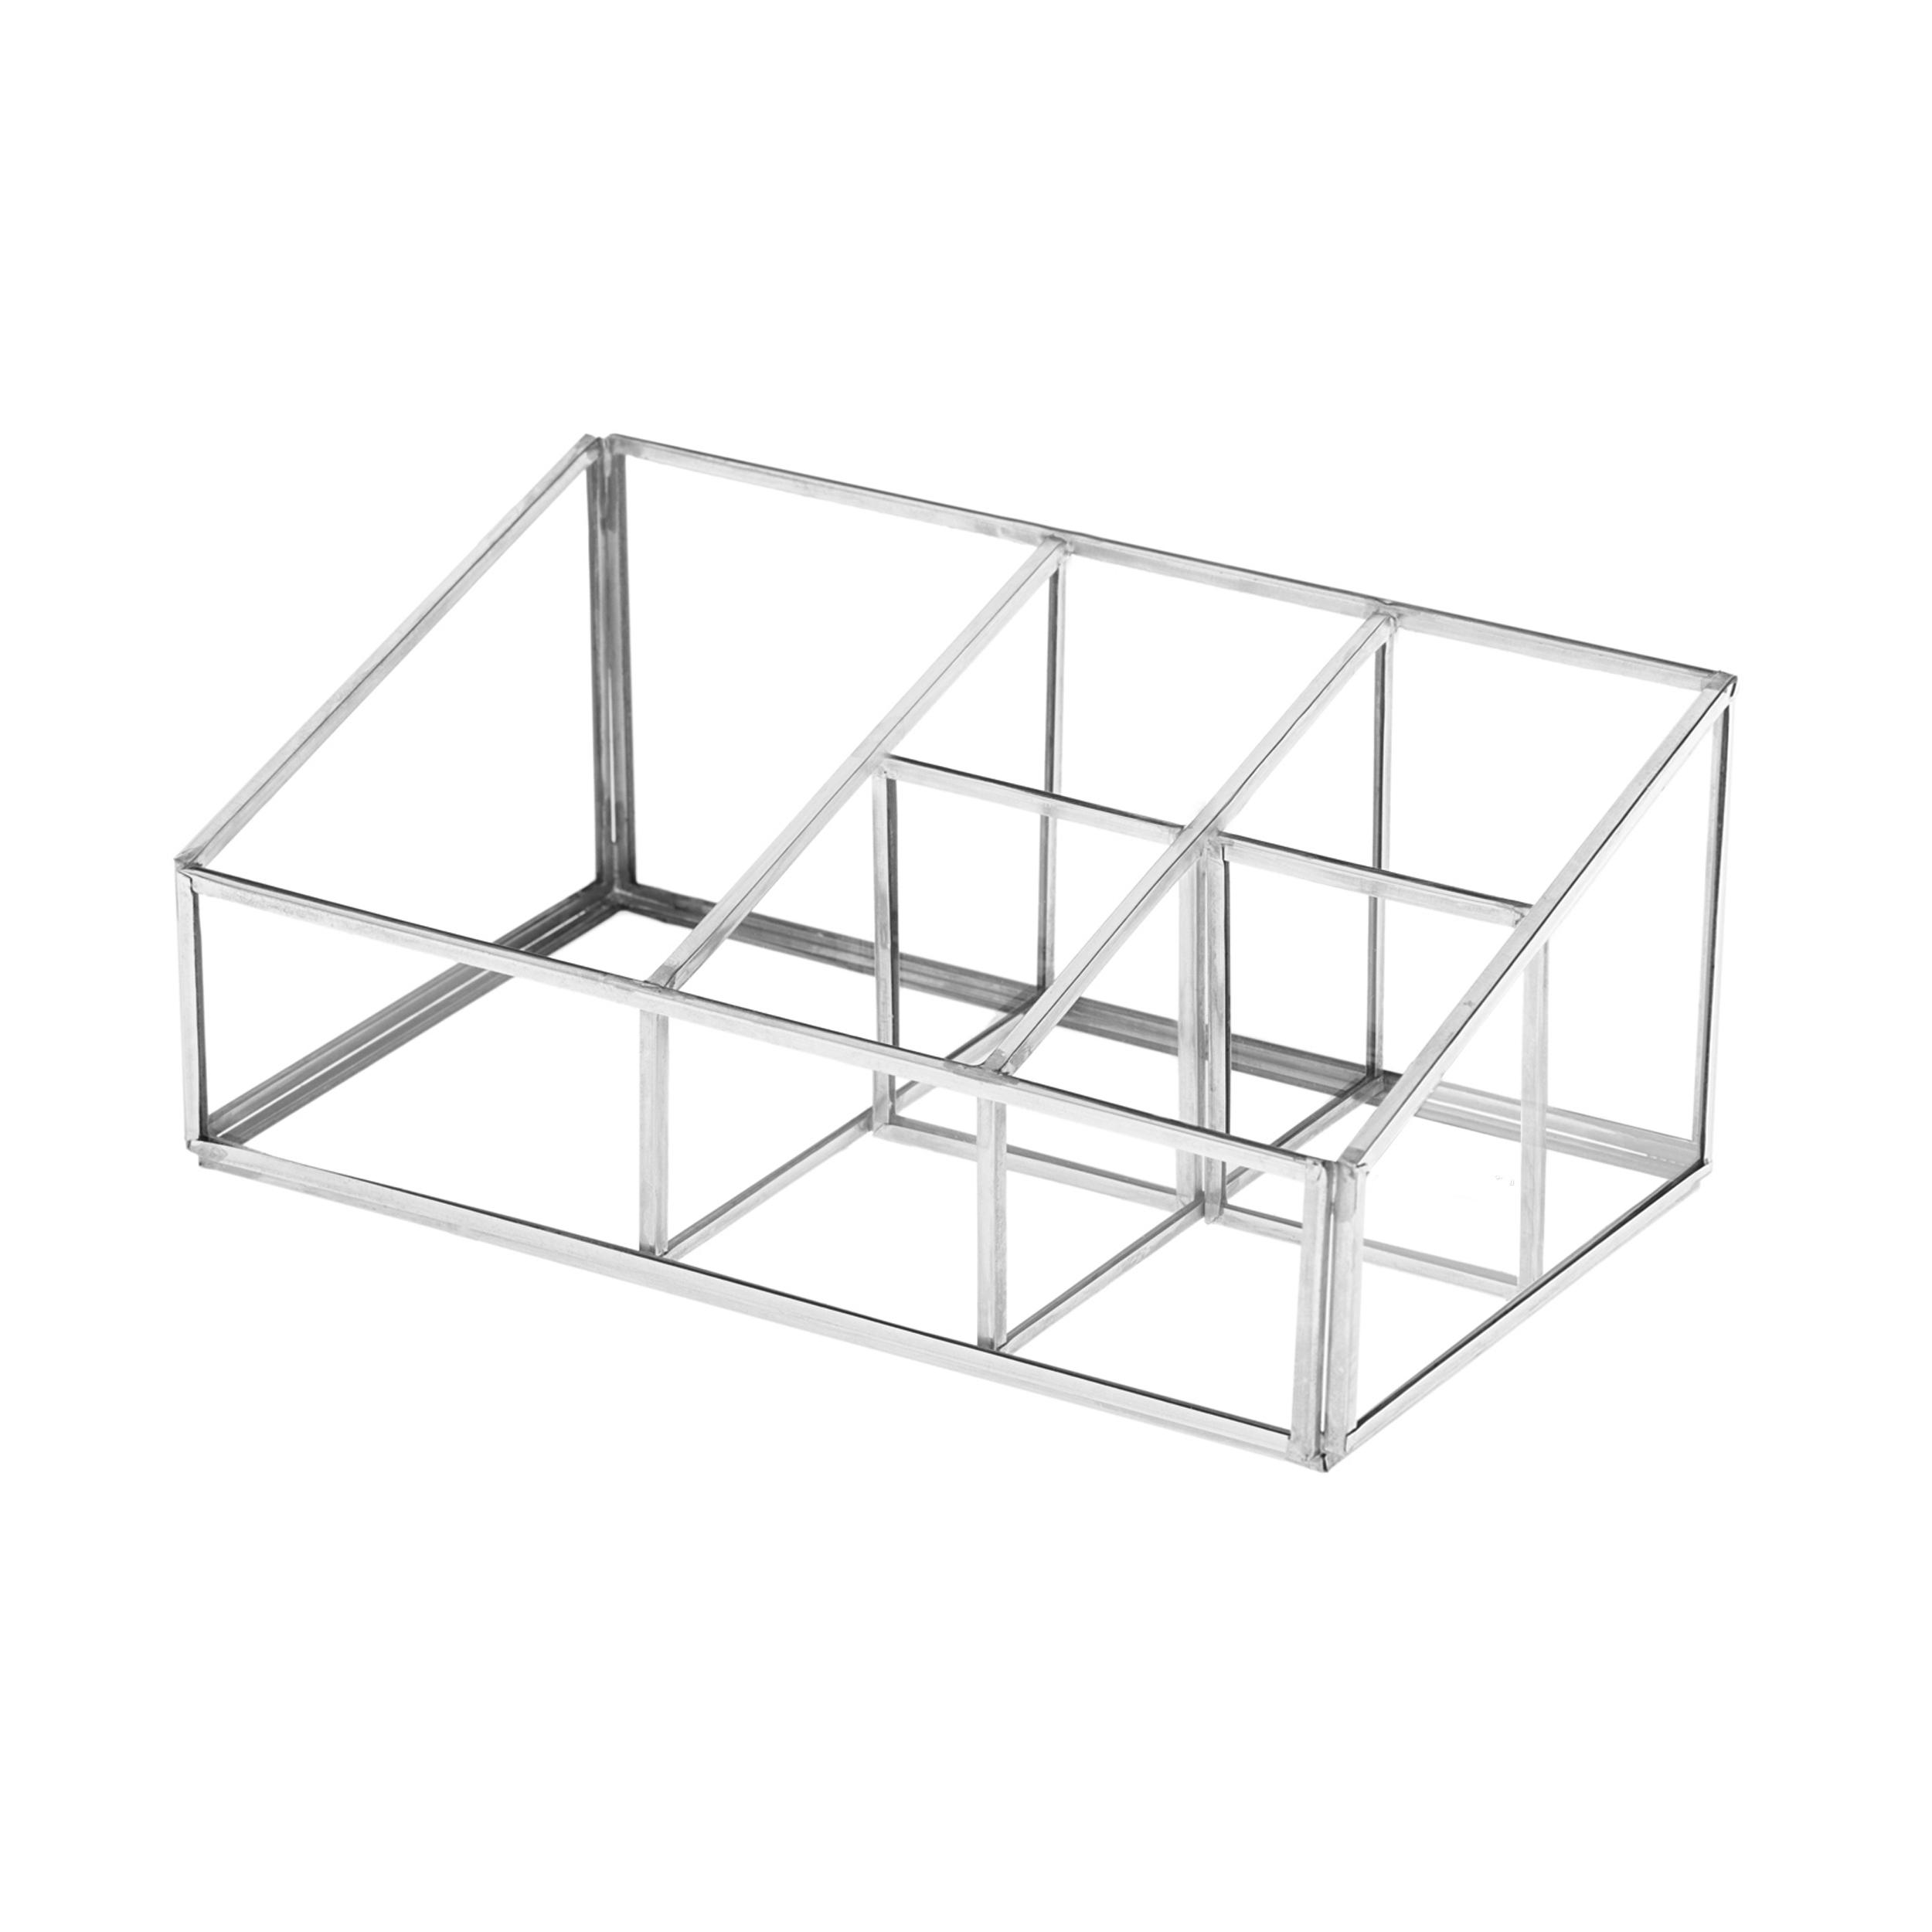 استند لوازم آرایشی شیشه ای مدل  Sections KS کد BT2011